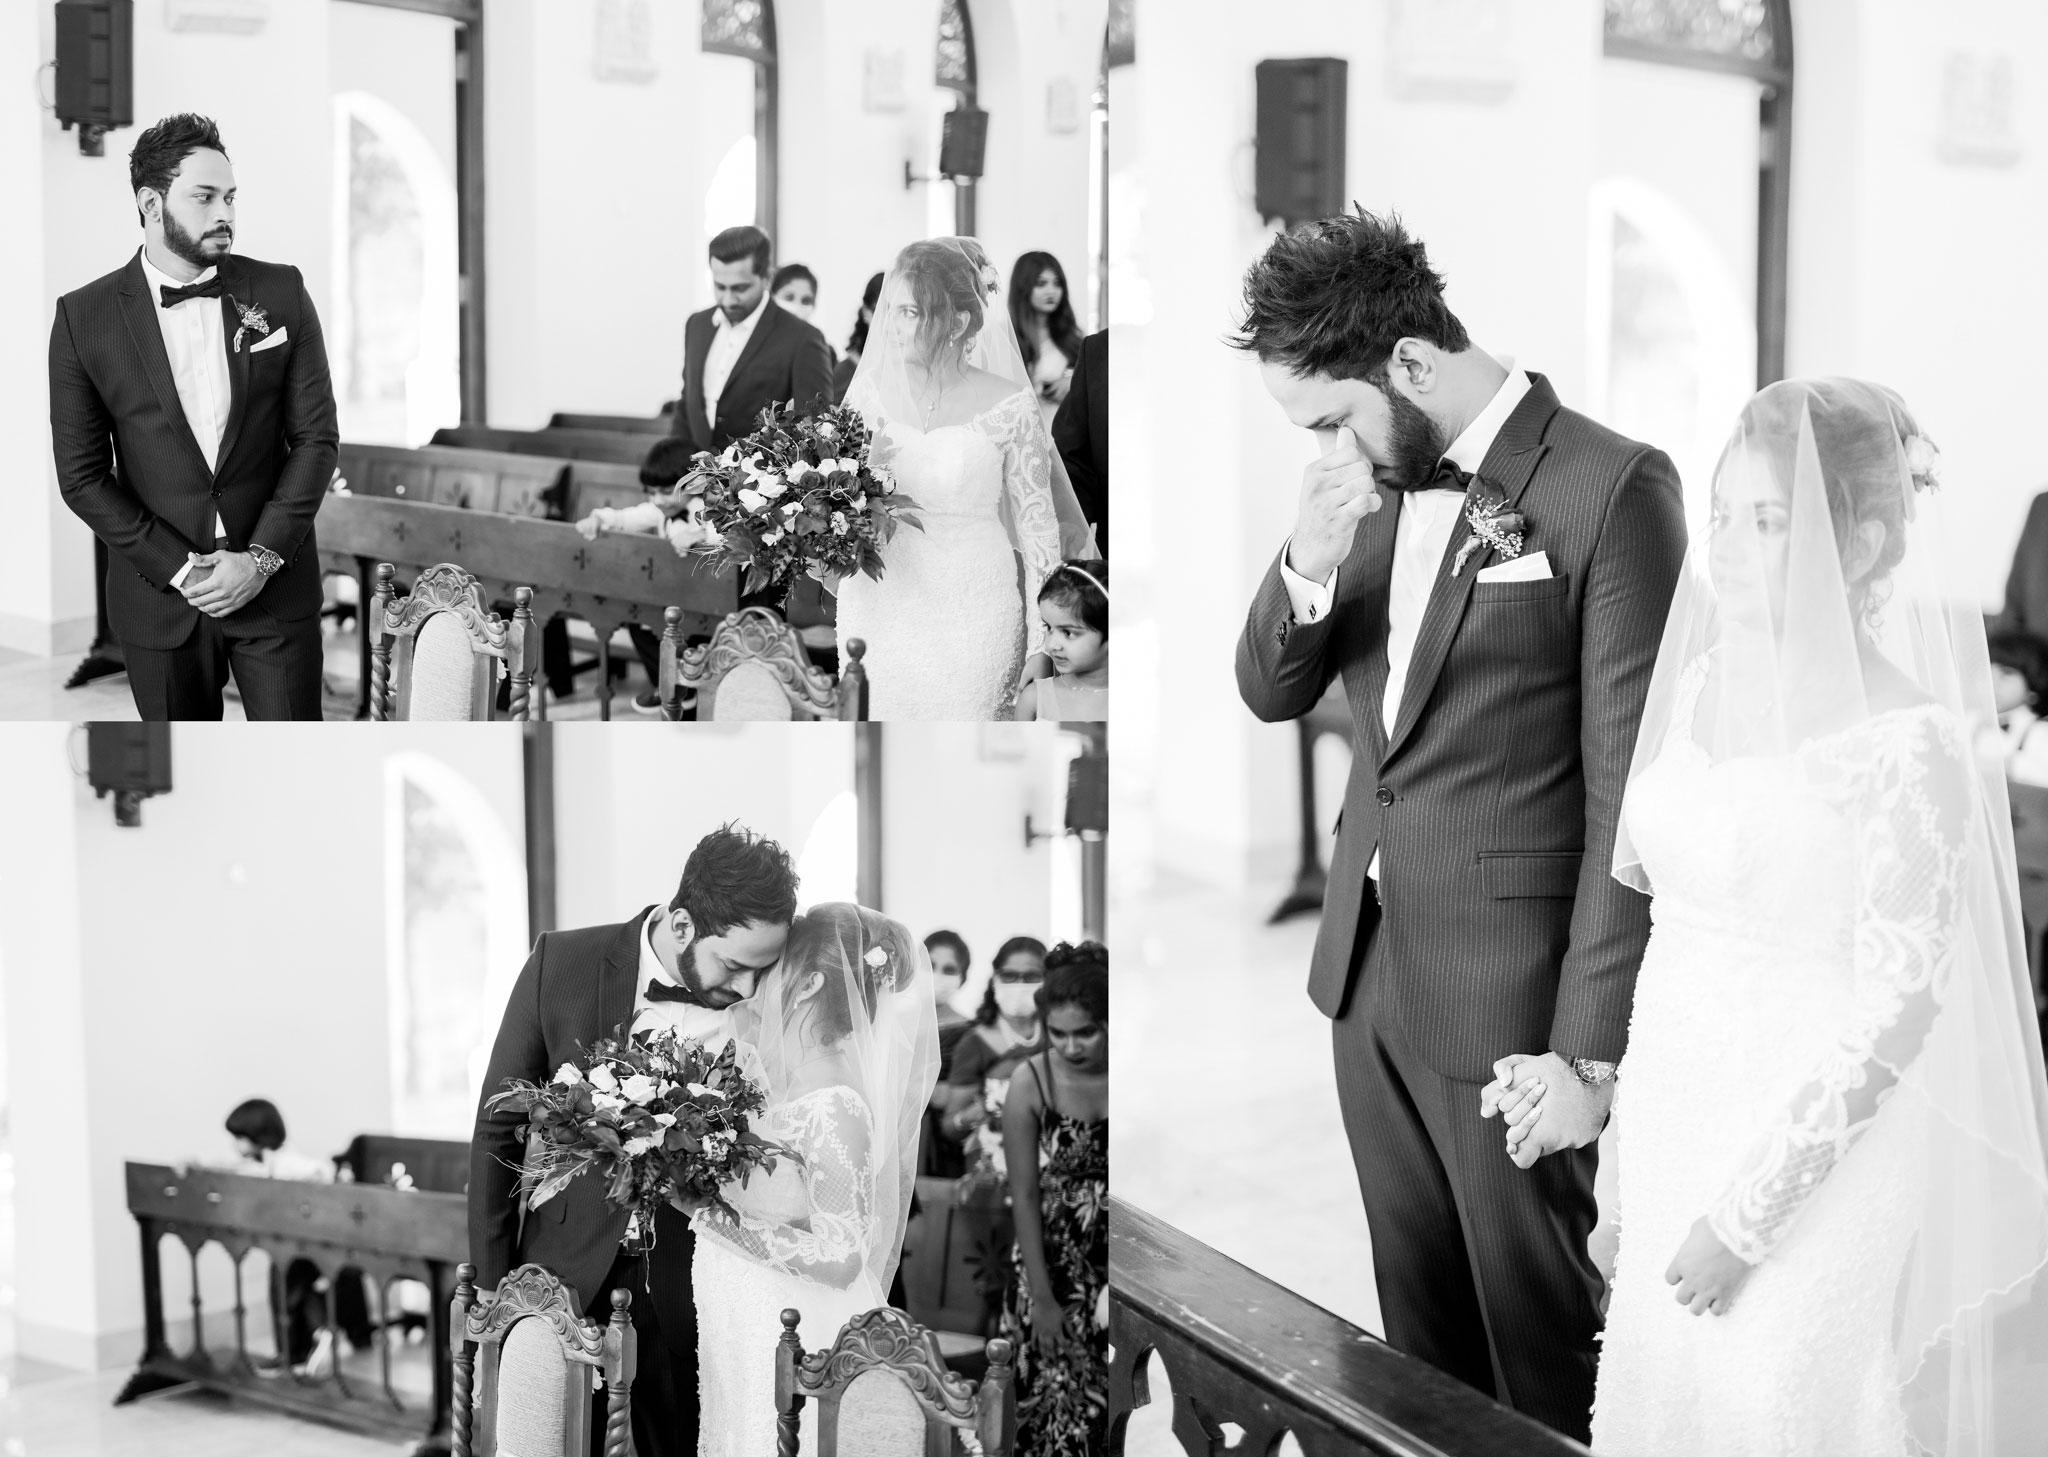 Nishi & Shalinda - Prabath Kanishka Wedding Photography